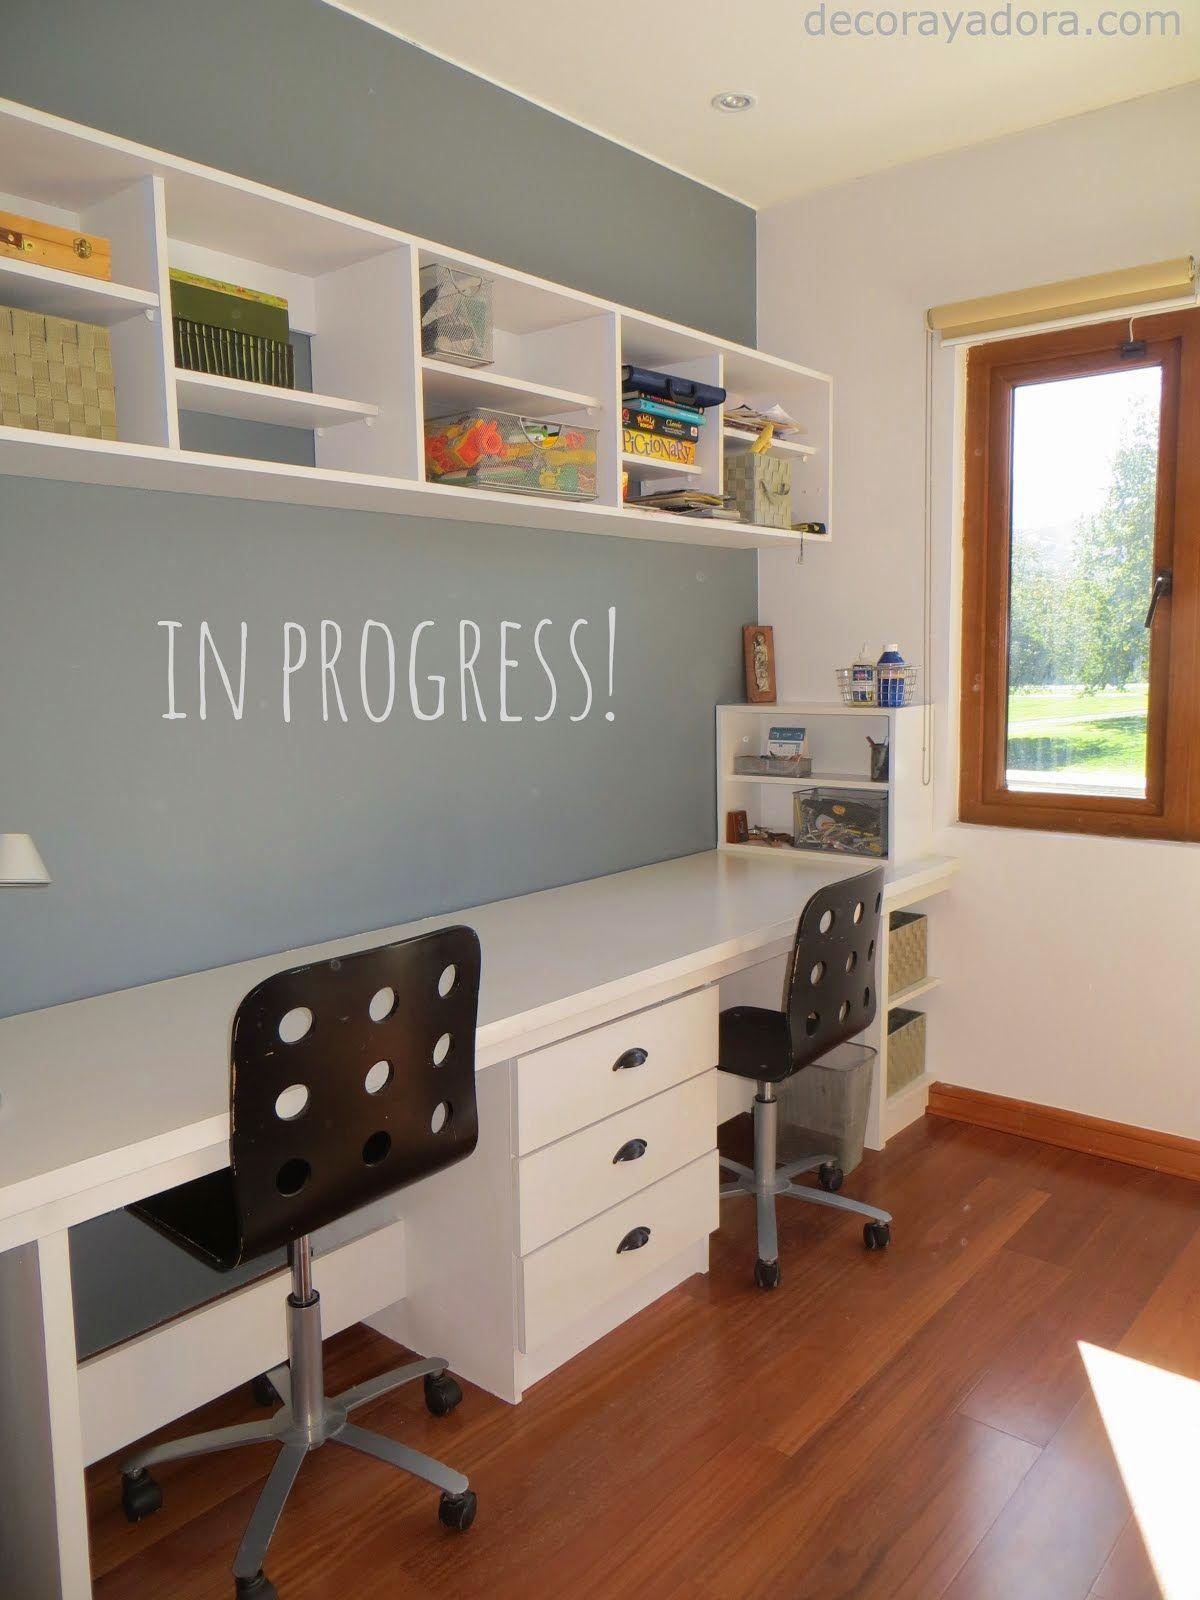 Diy mueble estudio cuarto muebles dormitorio - Sofas para habitacion ...